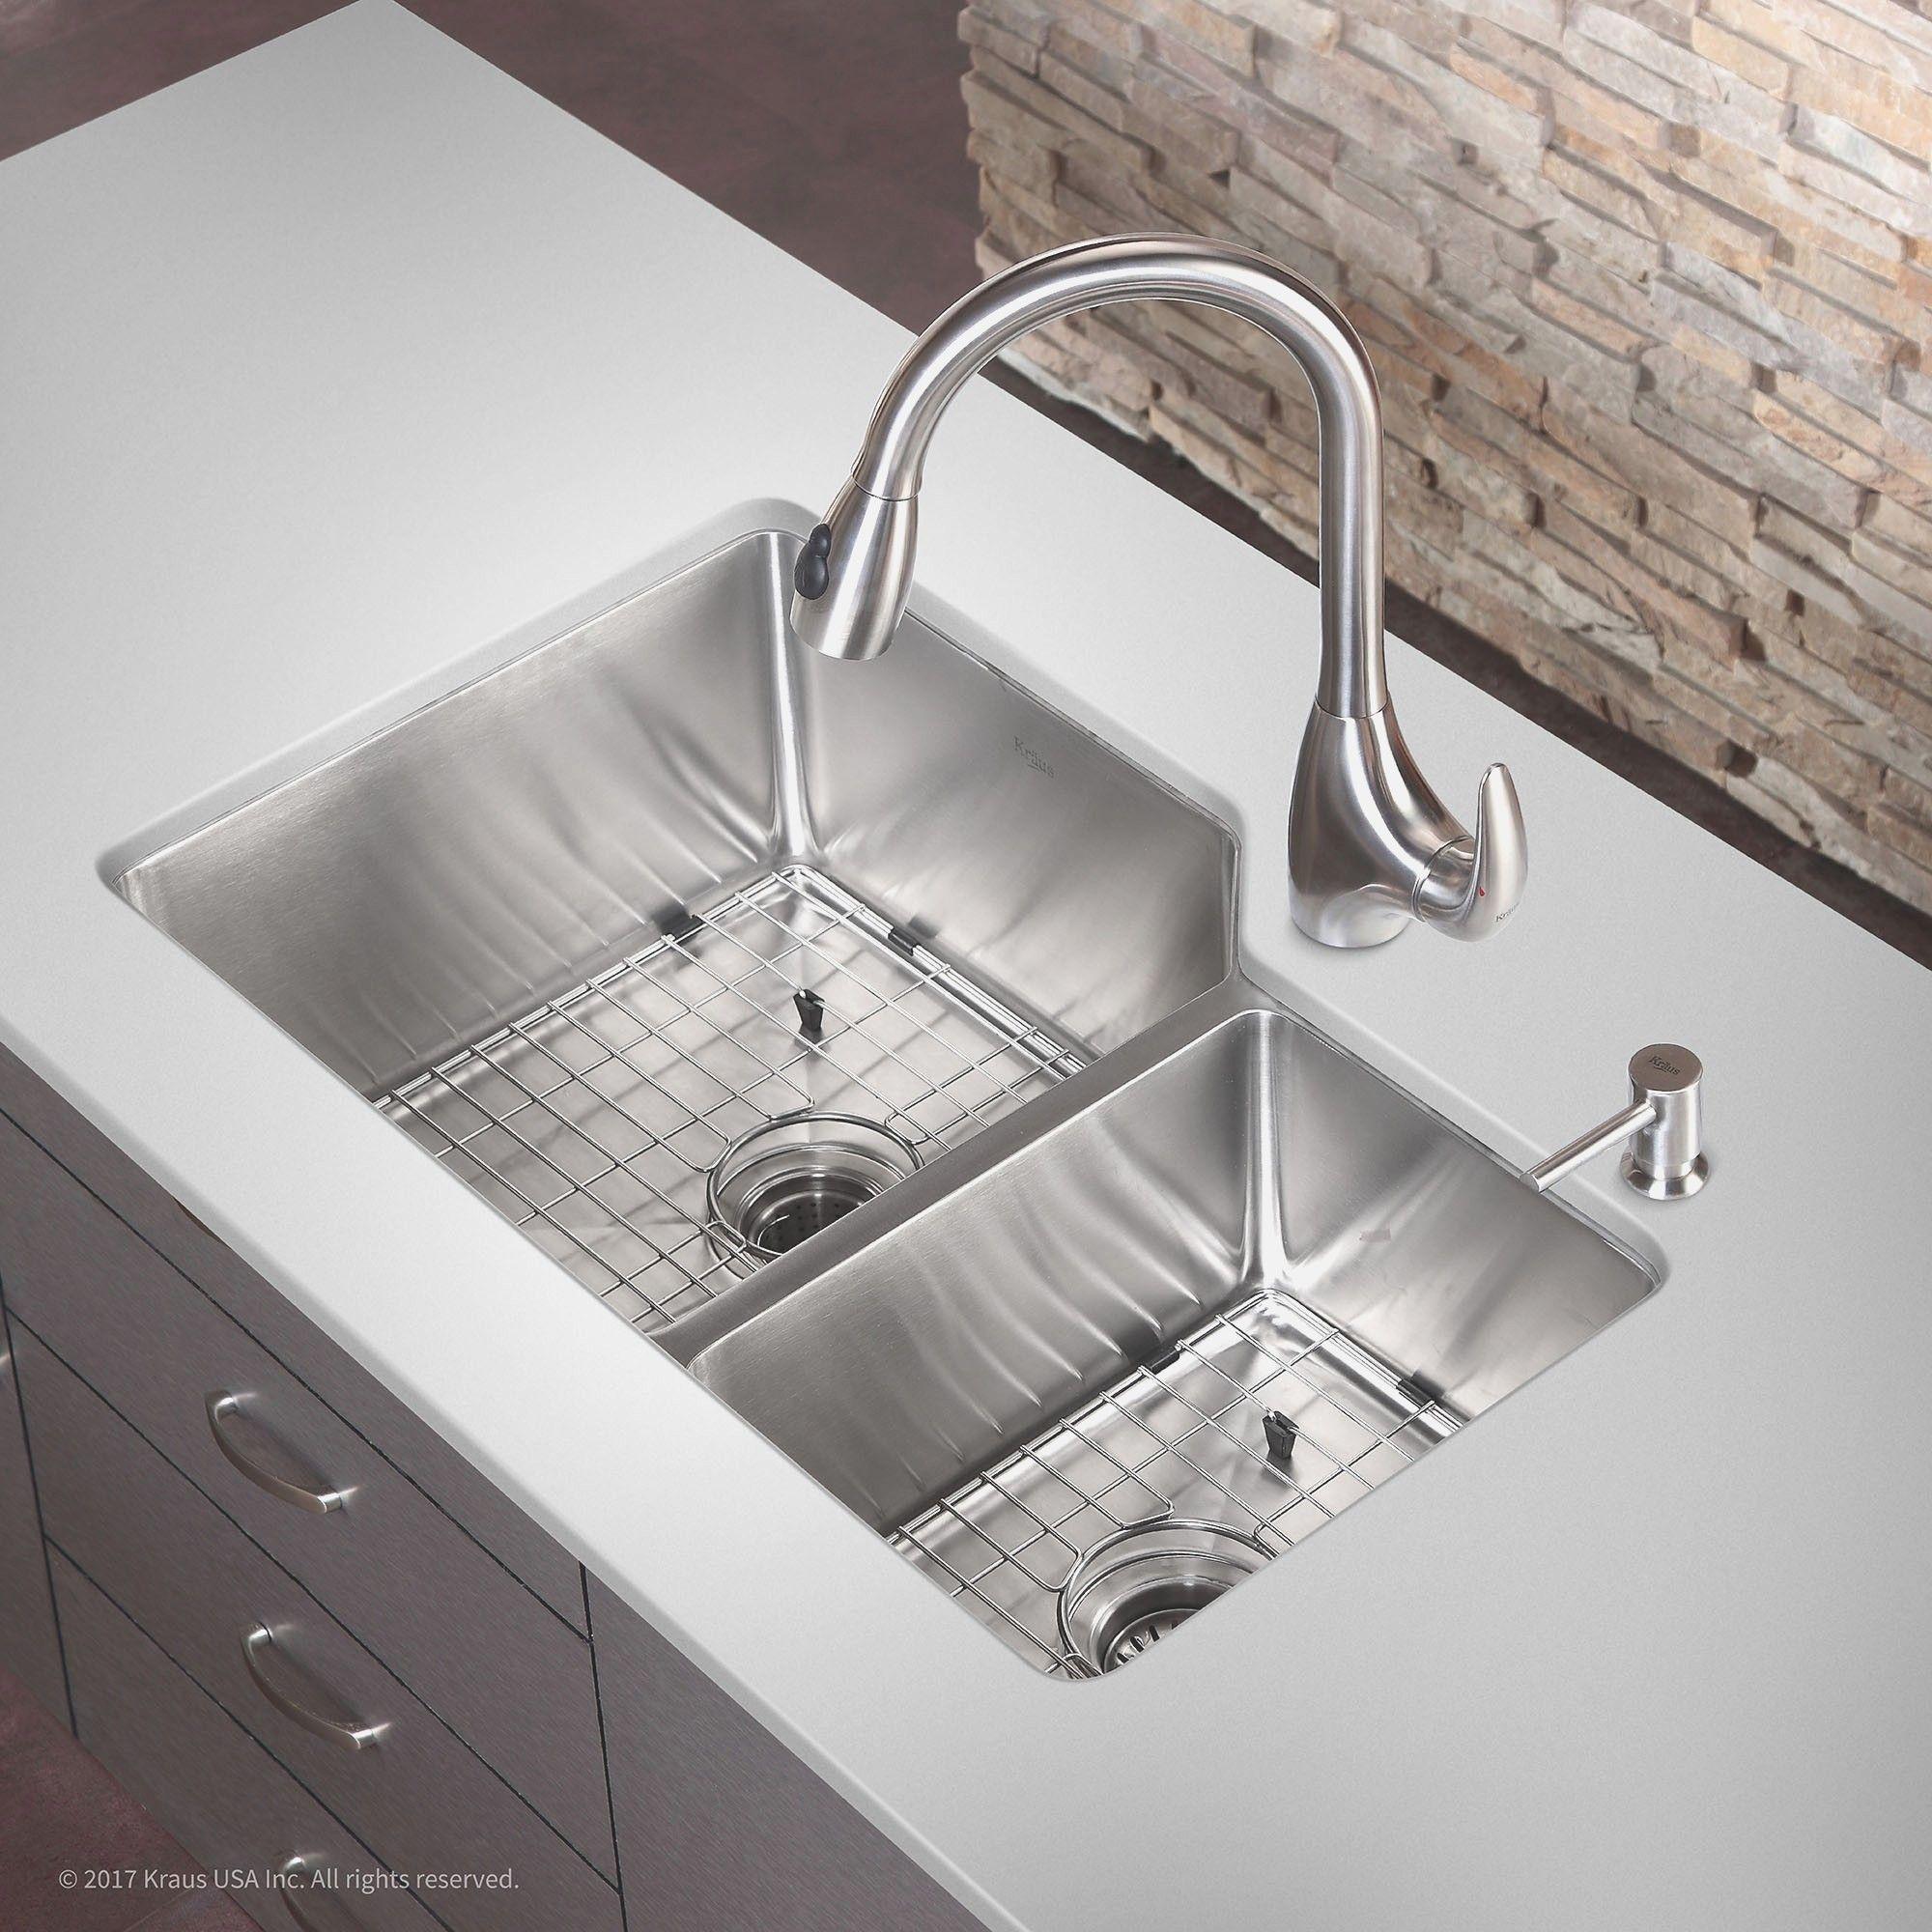 Stainless Steel Undermount Kitchen Sink 36 Inch American Standard